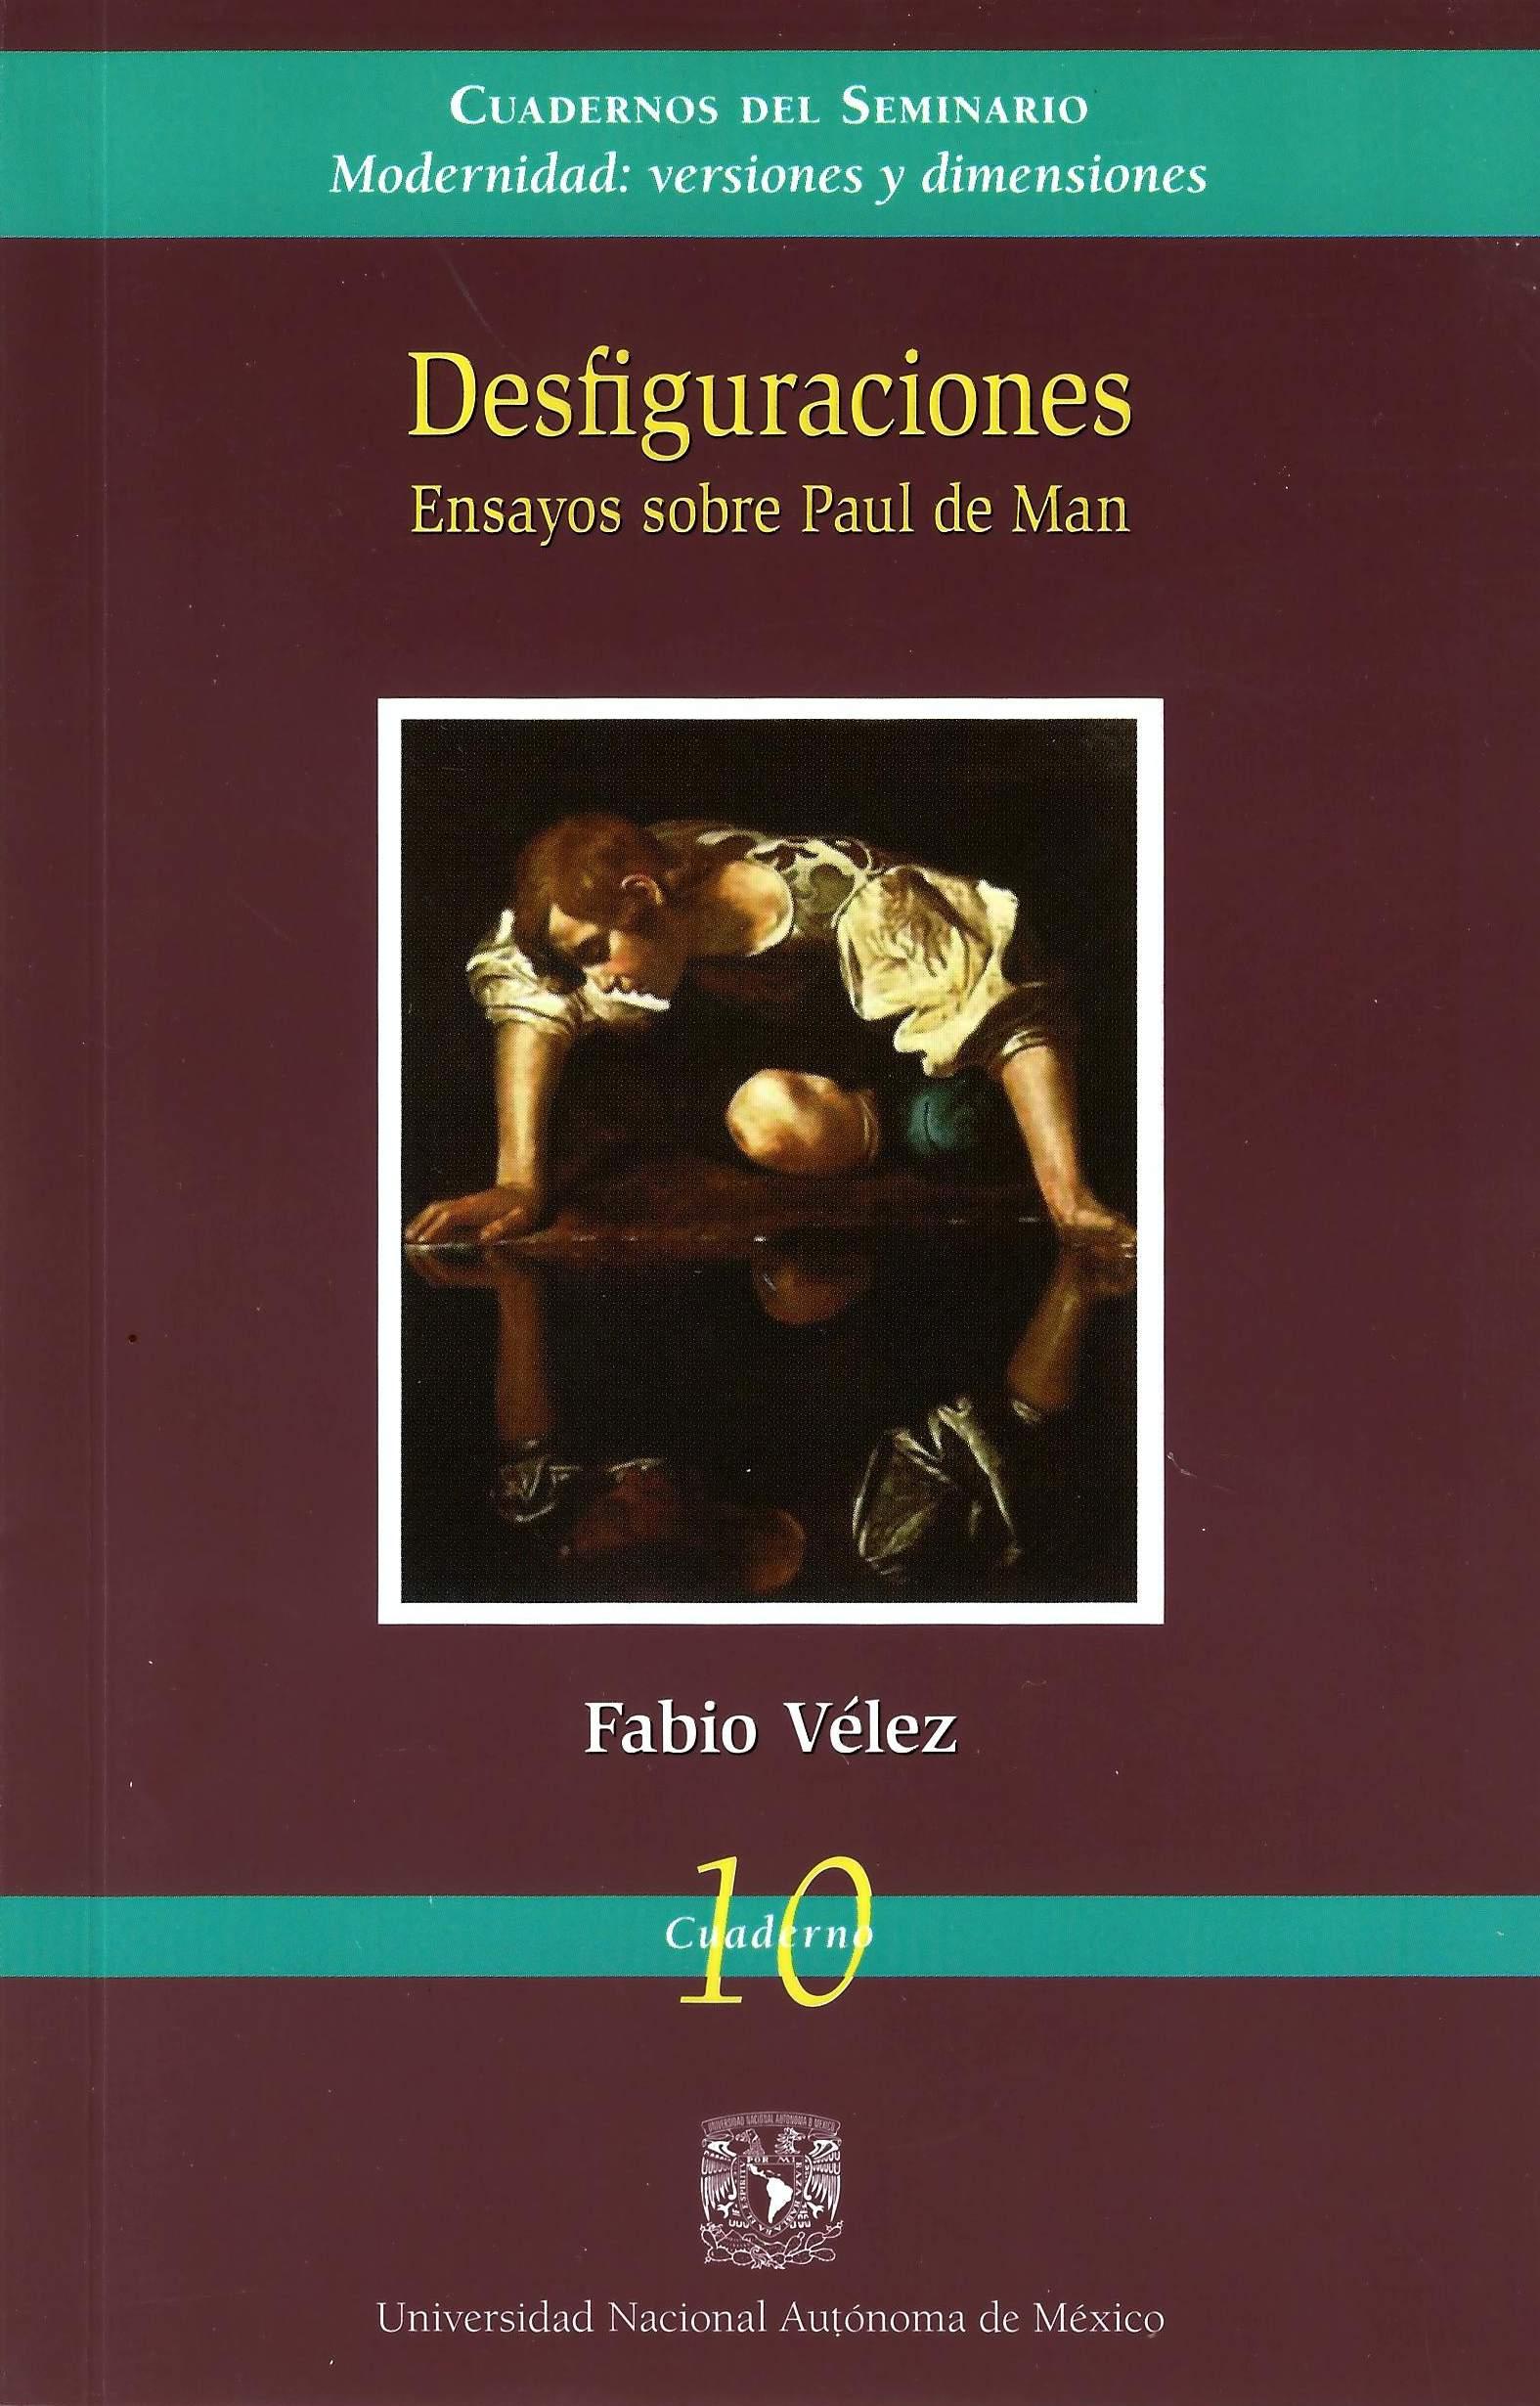 Desfiguraciones: ensayos sobre Paul de Man